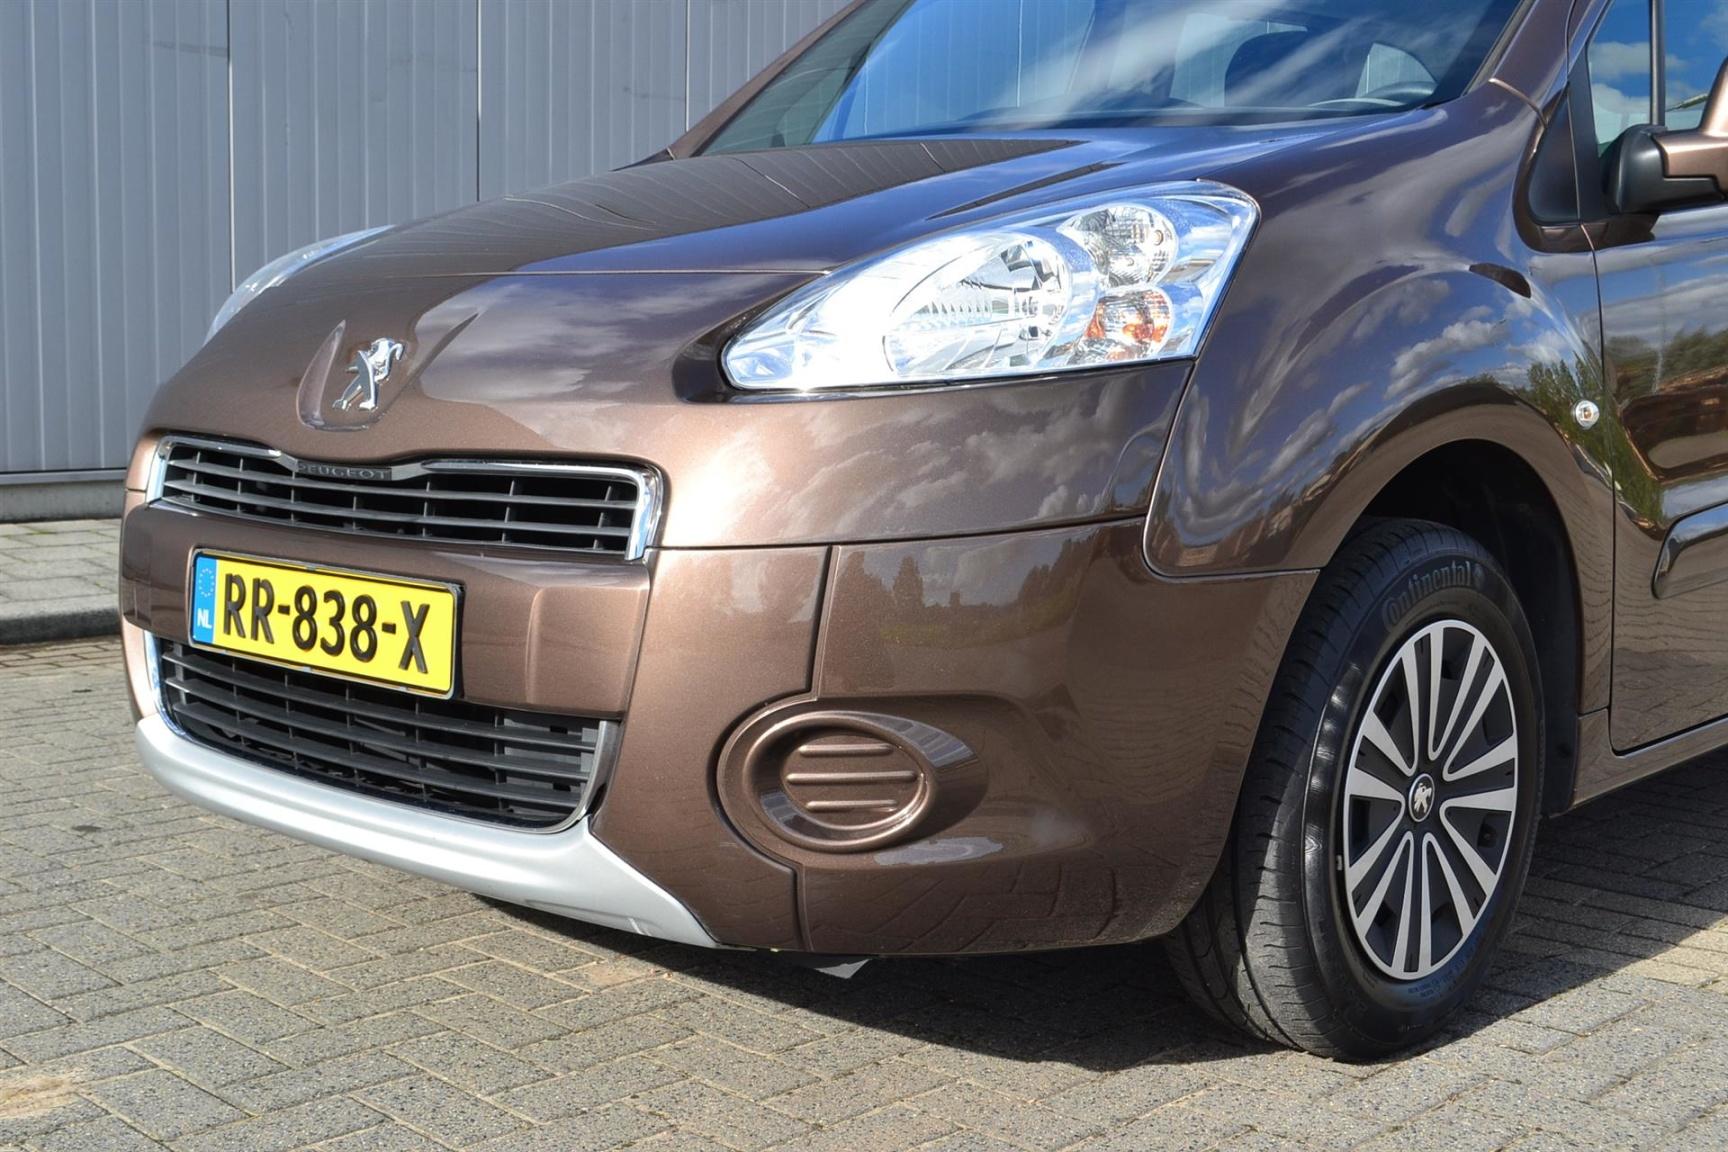 Peugeot-Partner-42